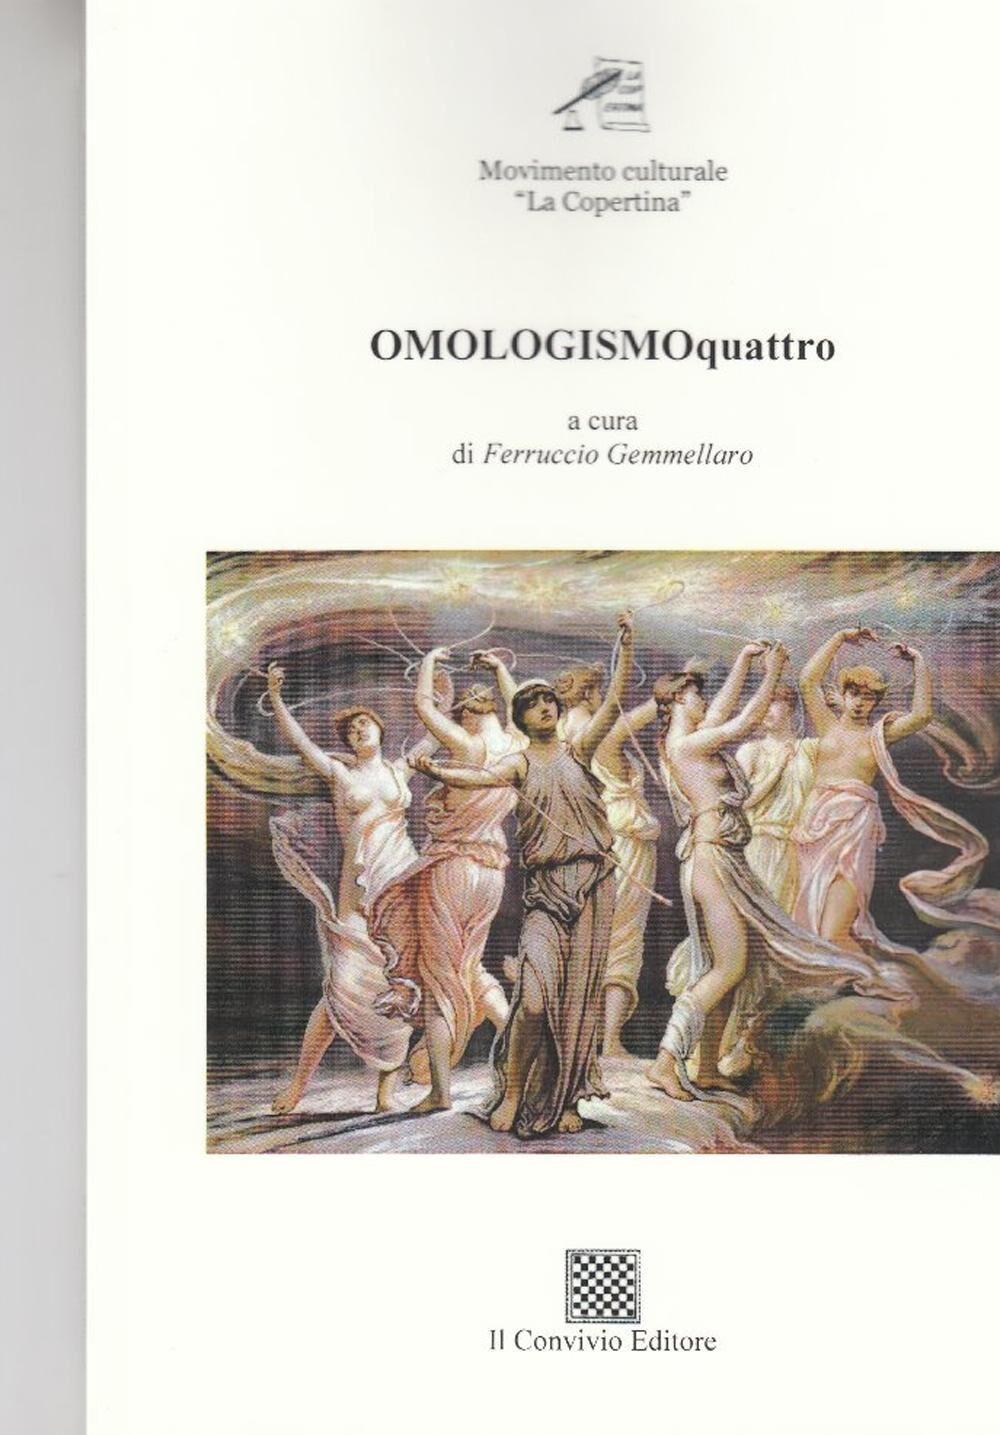 OsmologismoQuattro